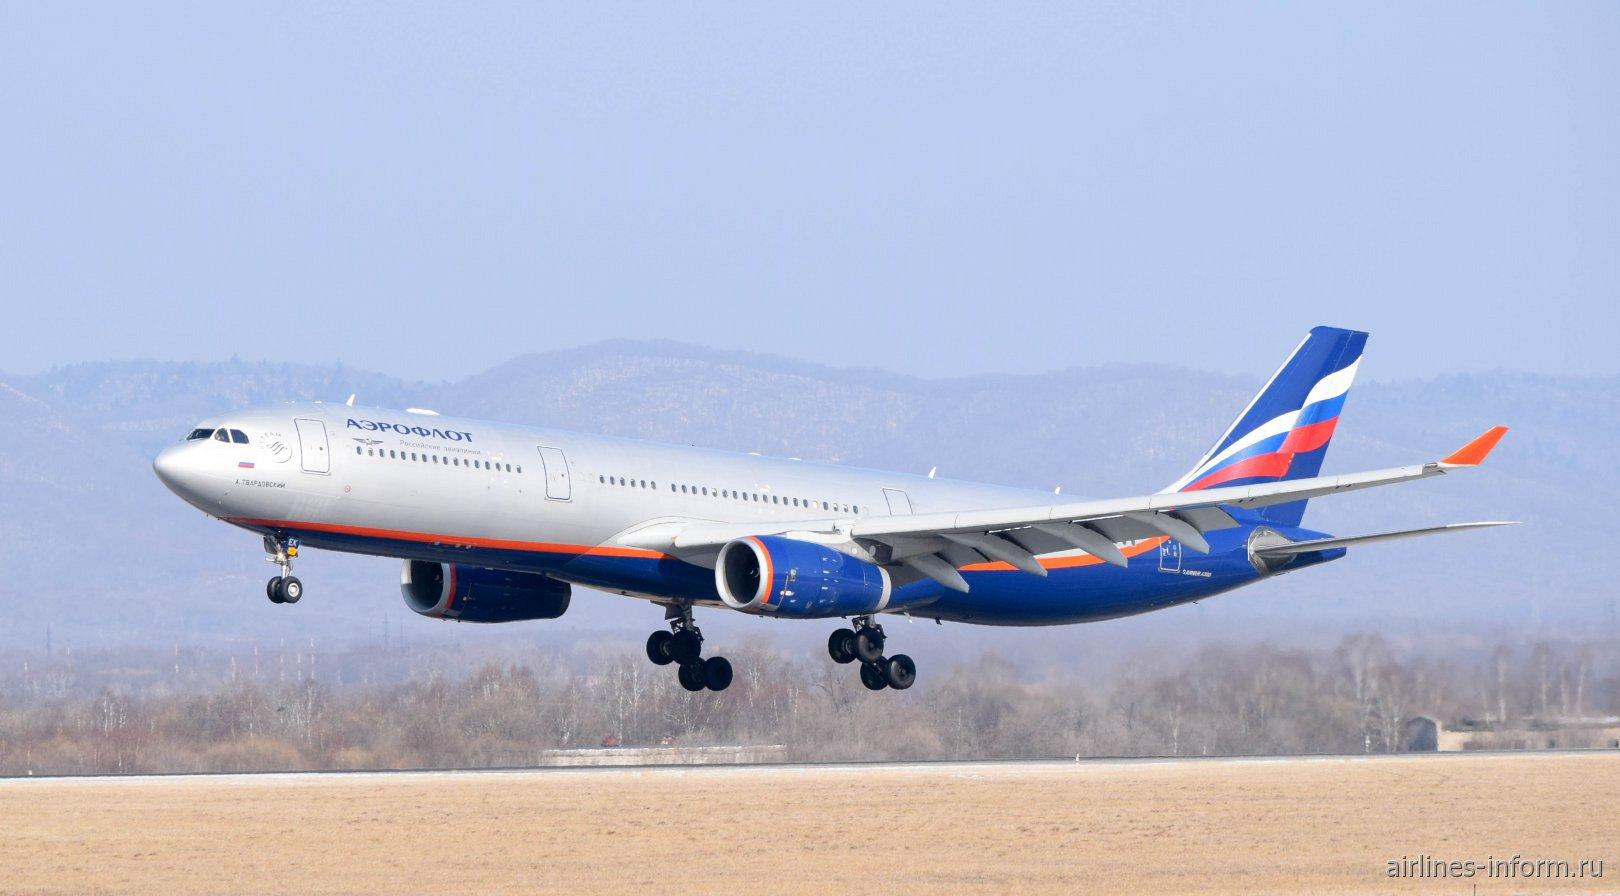 Авиалайнер Airbus A330-300 Аэрофлота садится в аэропорту Владивостока